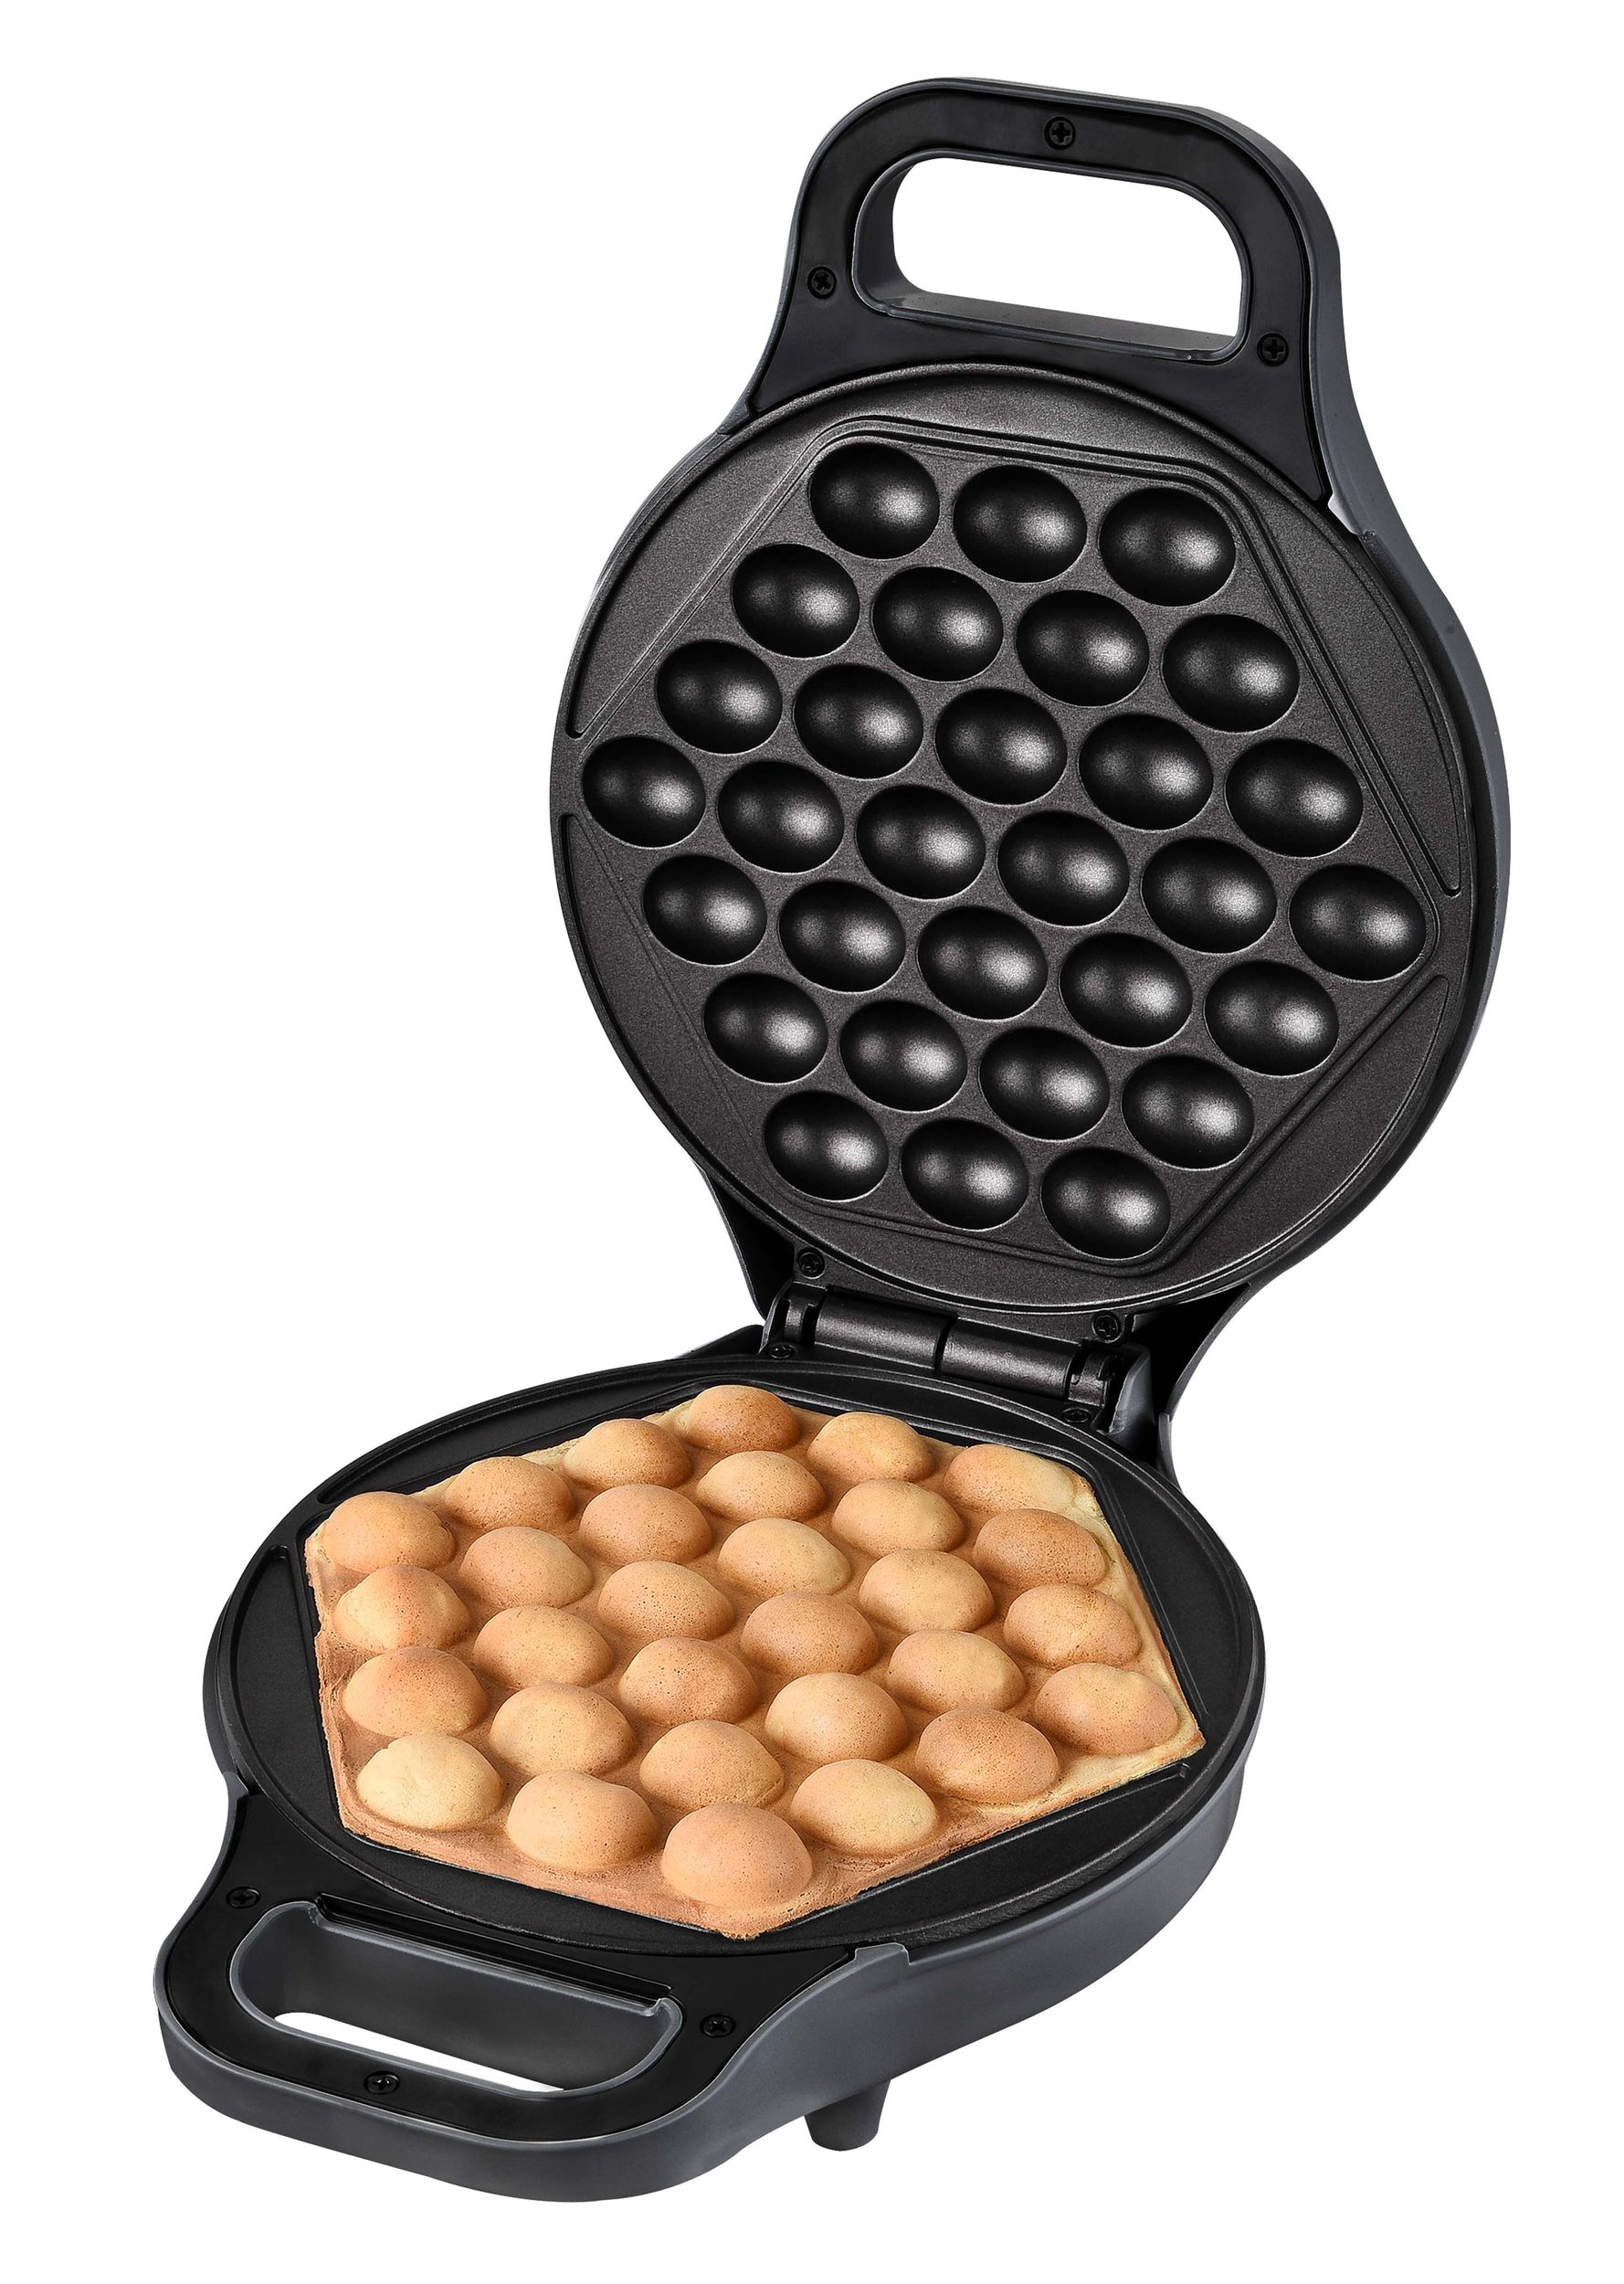 Kantonesischer Eierwaffelbäcker EggPuffs Bubbelwaffeln Waffeleisen*79392